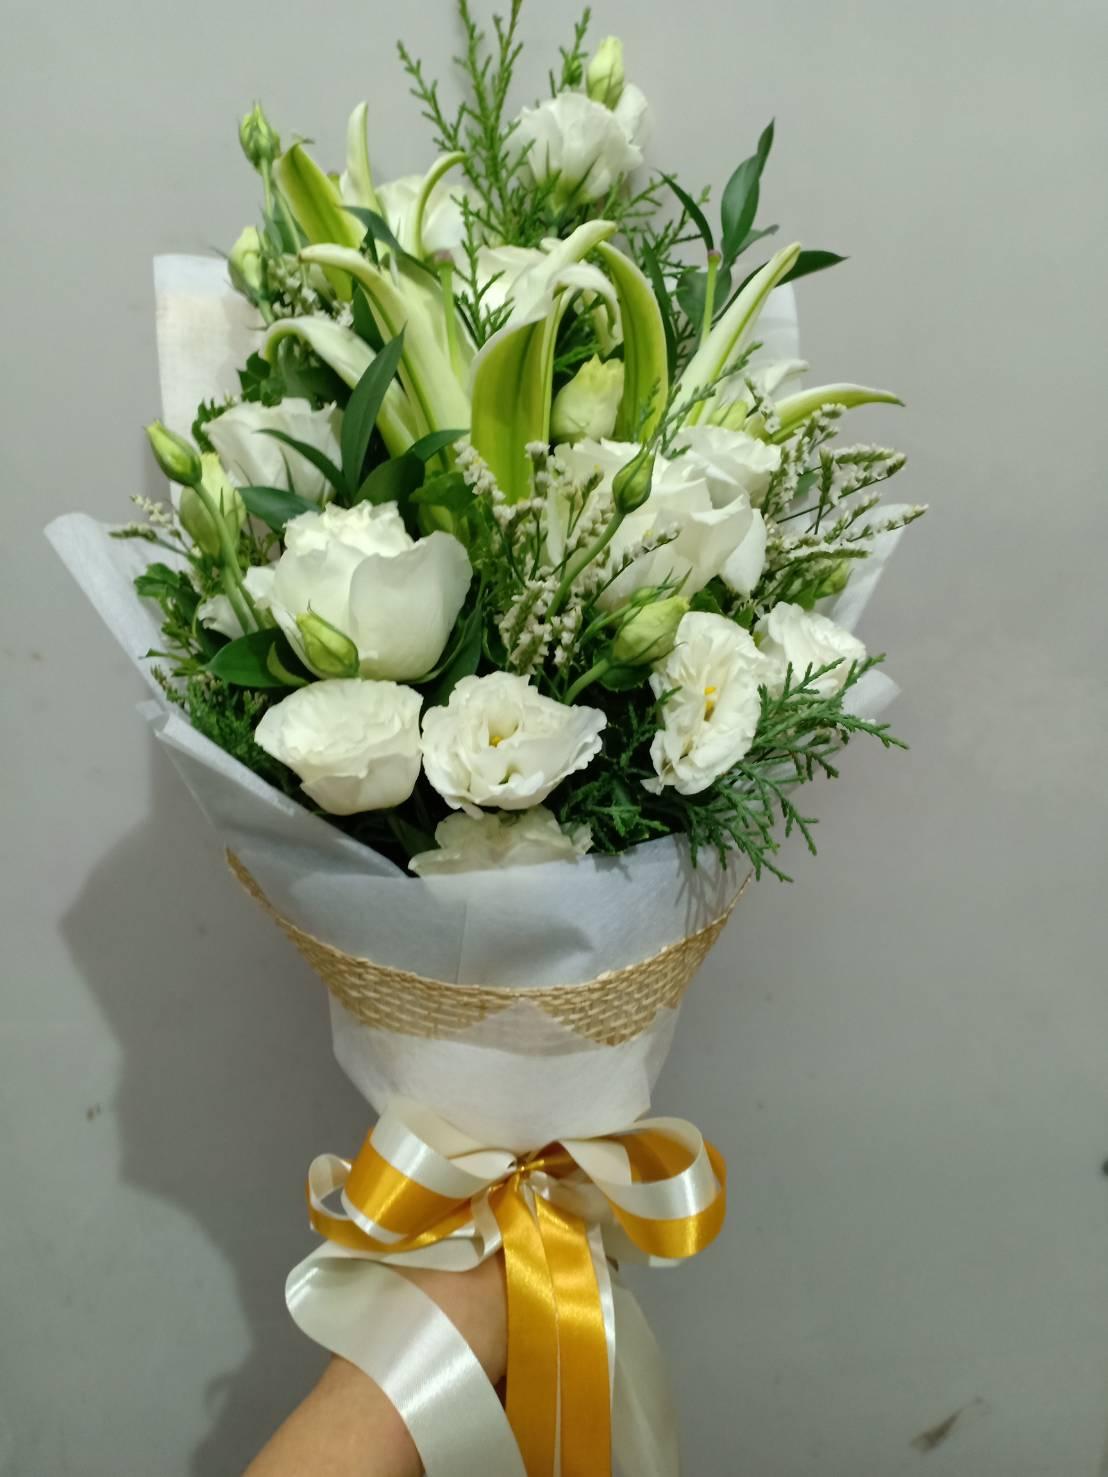 ช่อดอกกุหลาบสีขาวและดอกลิลลี่สีขาวล้วน สื่อถึงความรักแท้ที่มีต่อคนที่เรารัก